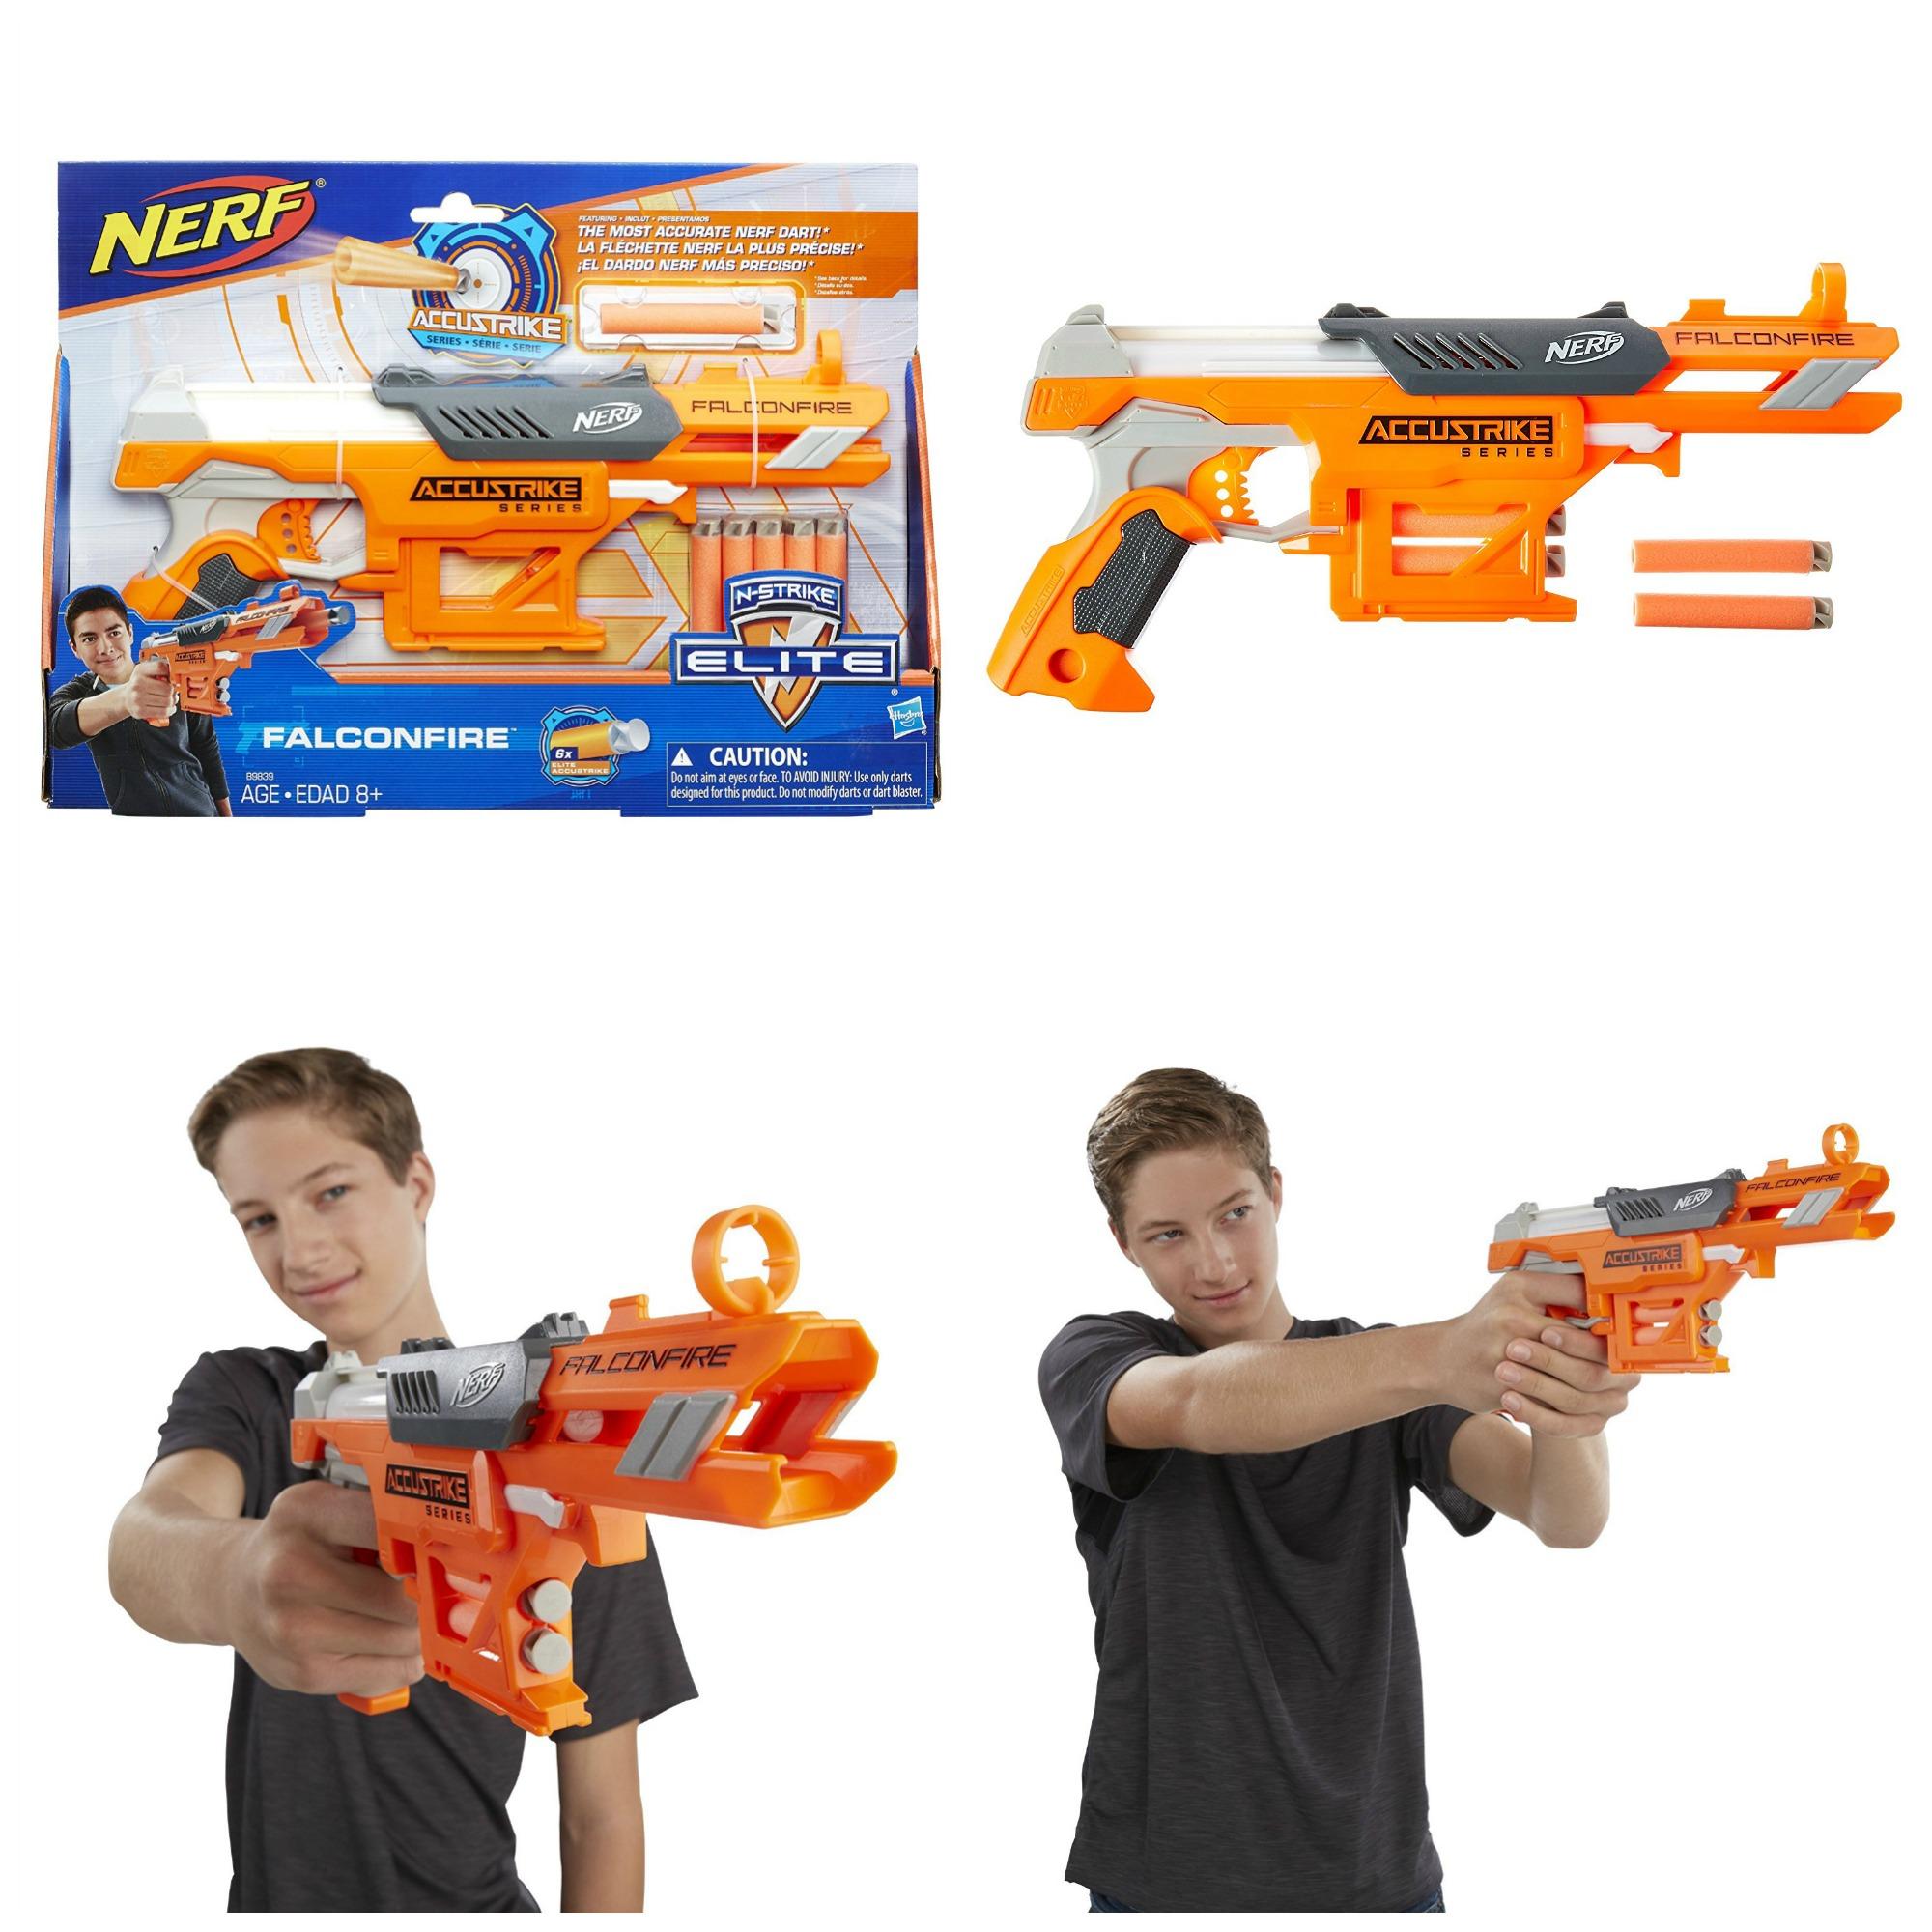 Image is loading N Strike Accustrike Blasters Nerf Accustrike Series With